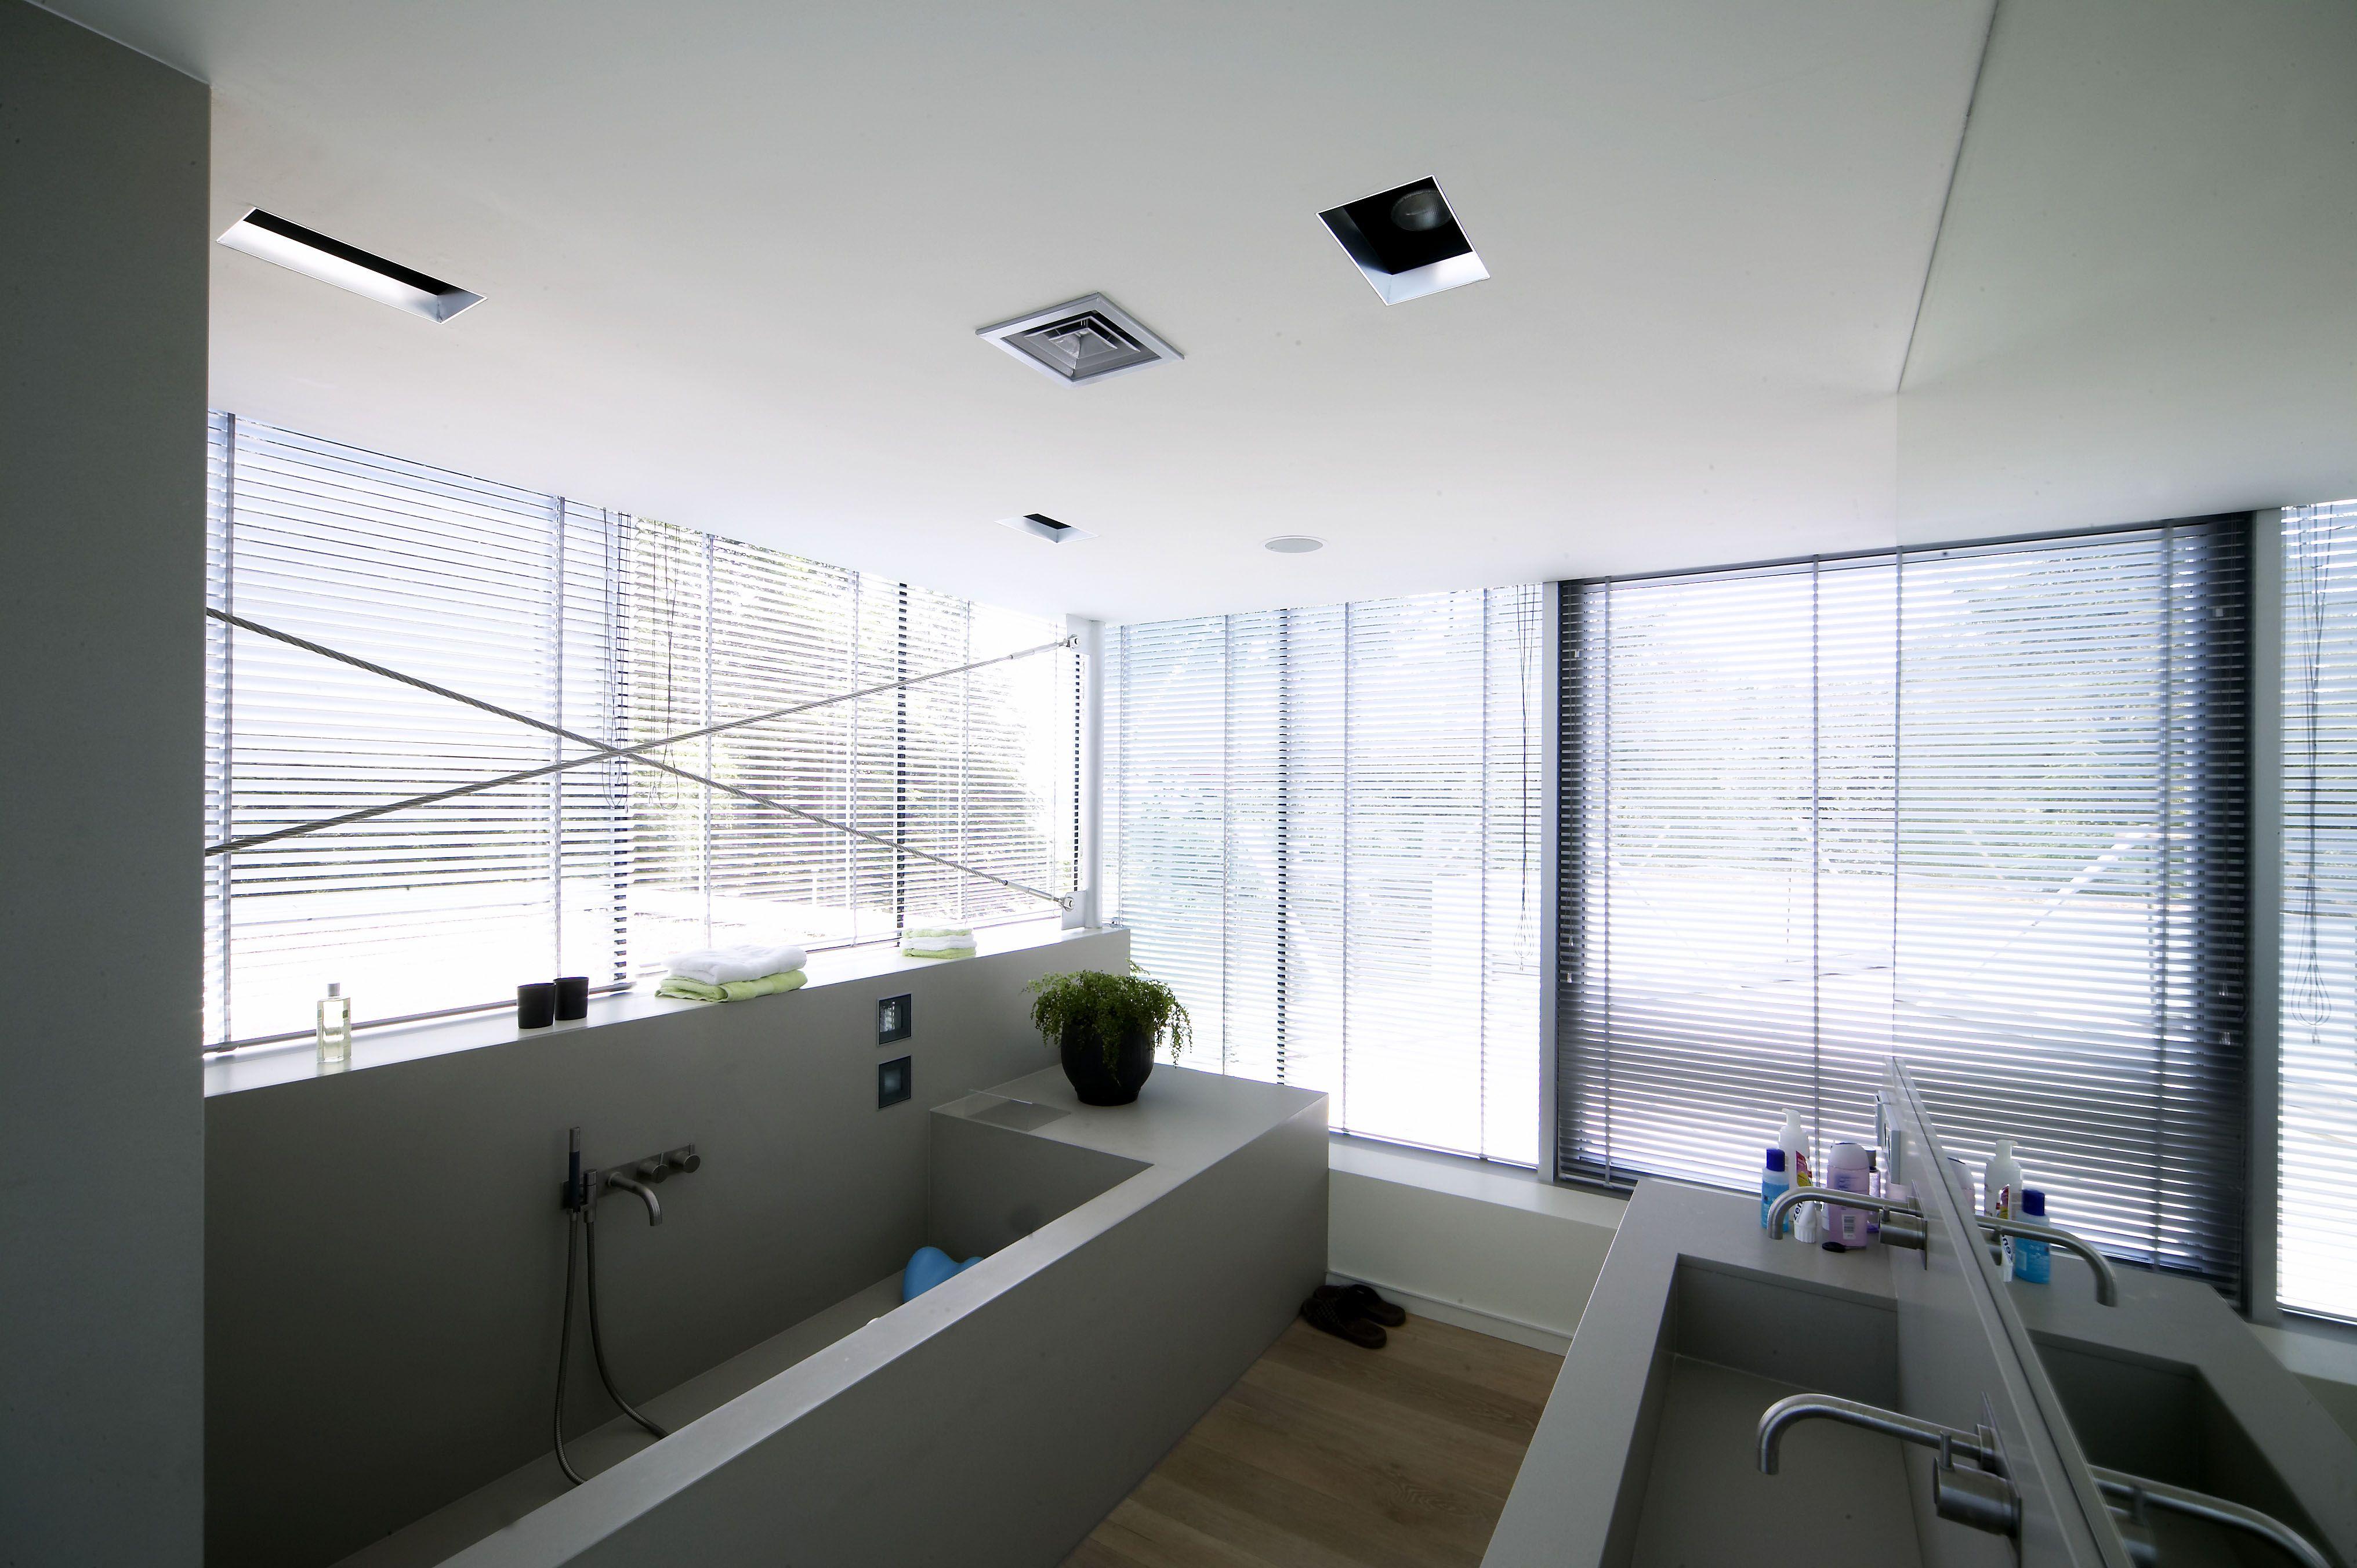 Solid Surface Badkamer : Badkamerverlichting rvs born stoere badkamer met rvs hout en